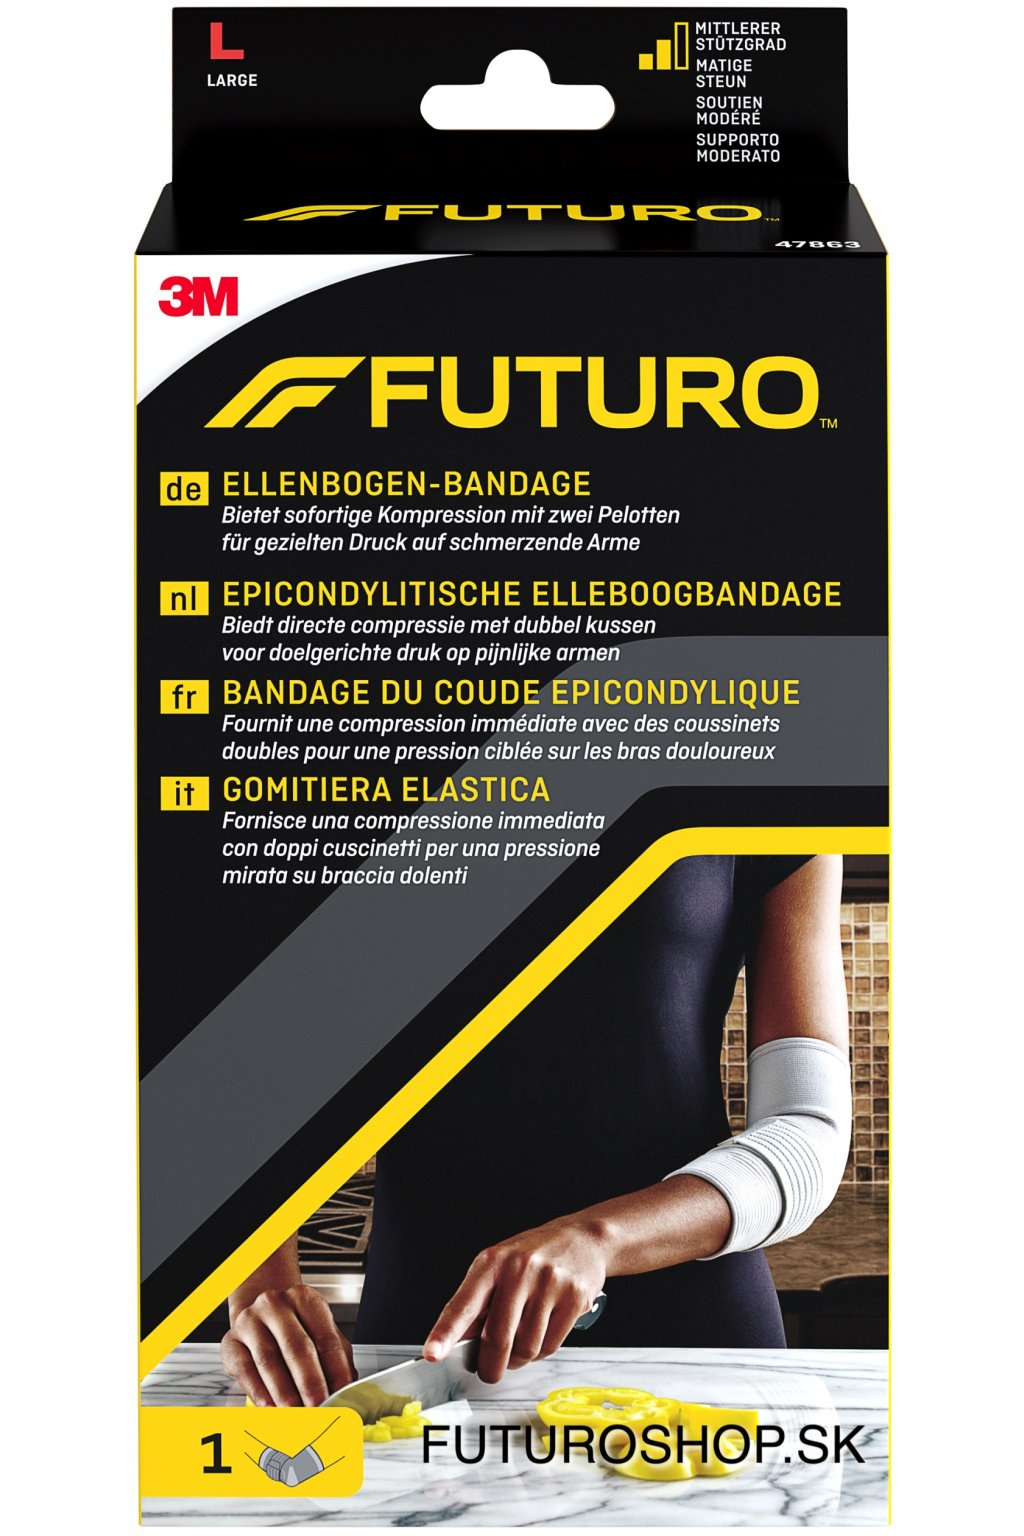 3M FUTURO lakťová bandáž s epikondylárnou páskou 47863, veľkosť L